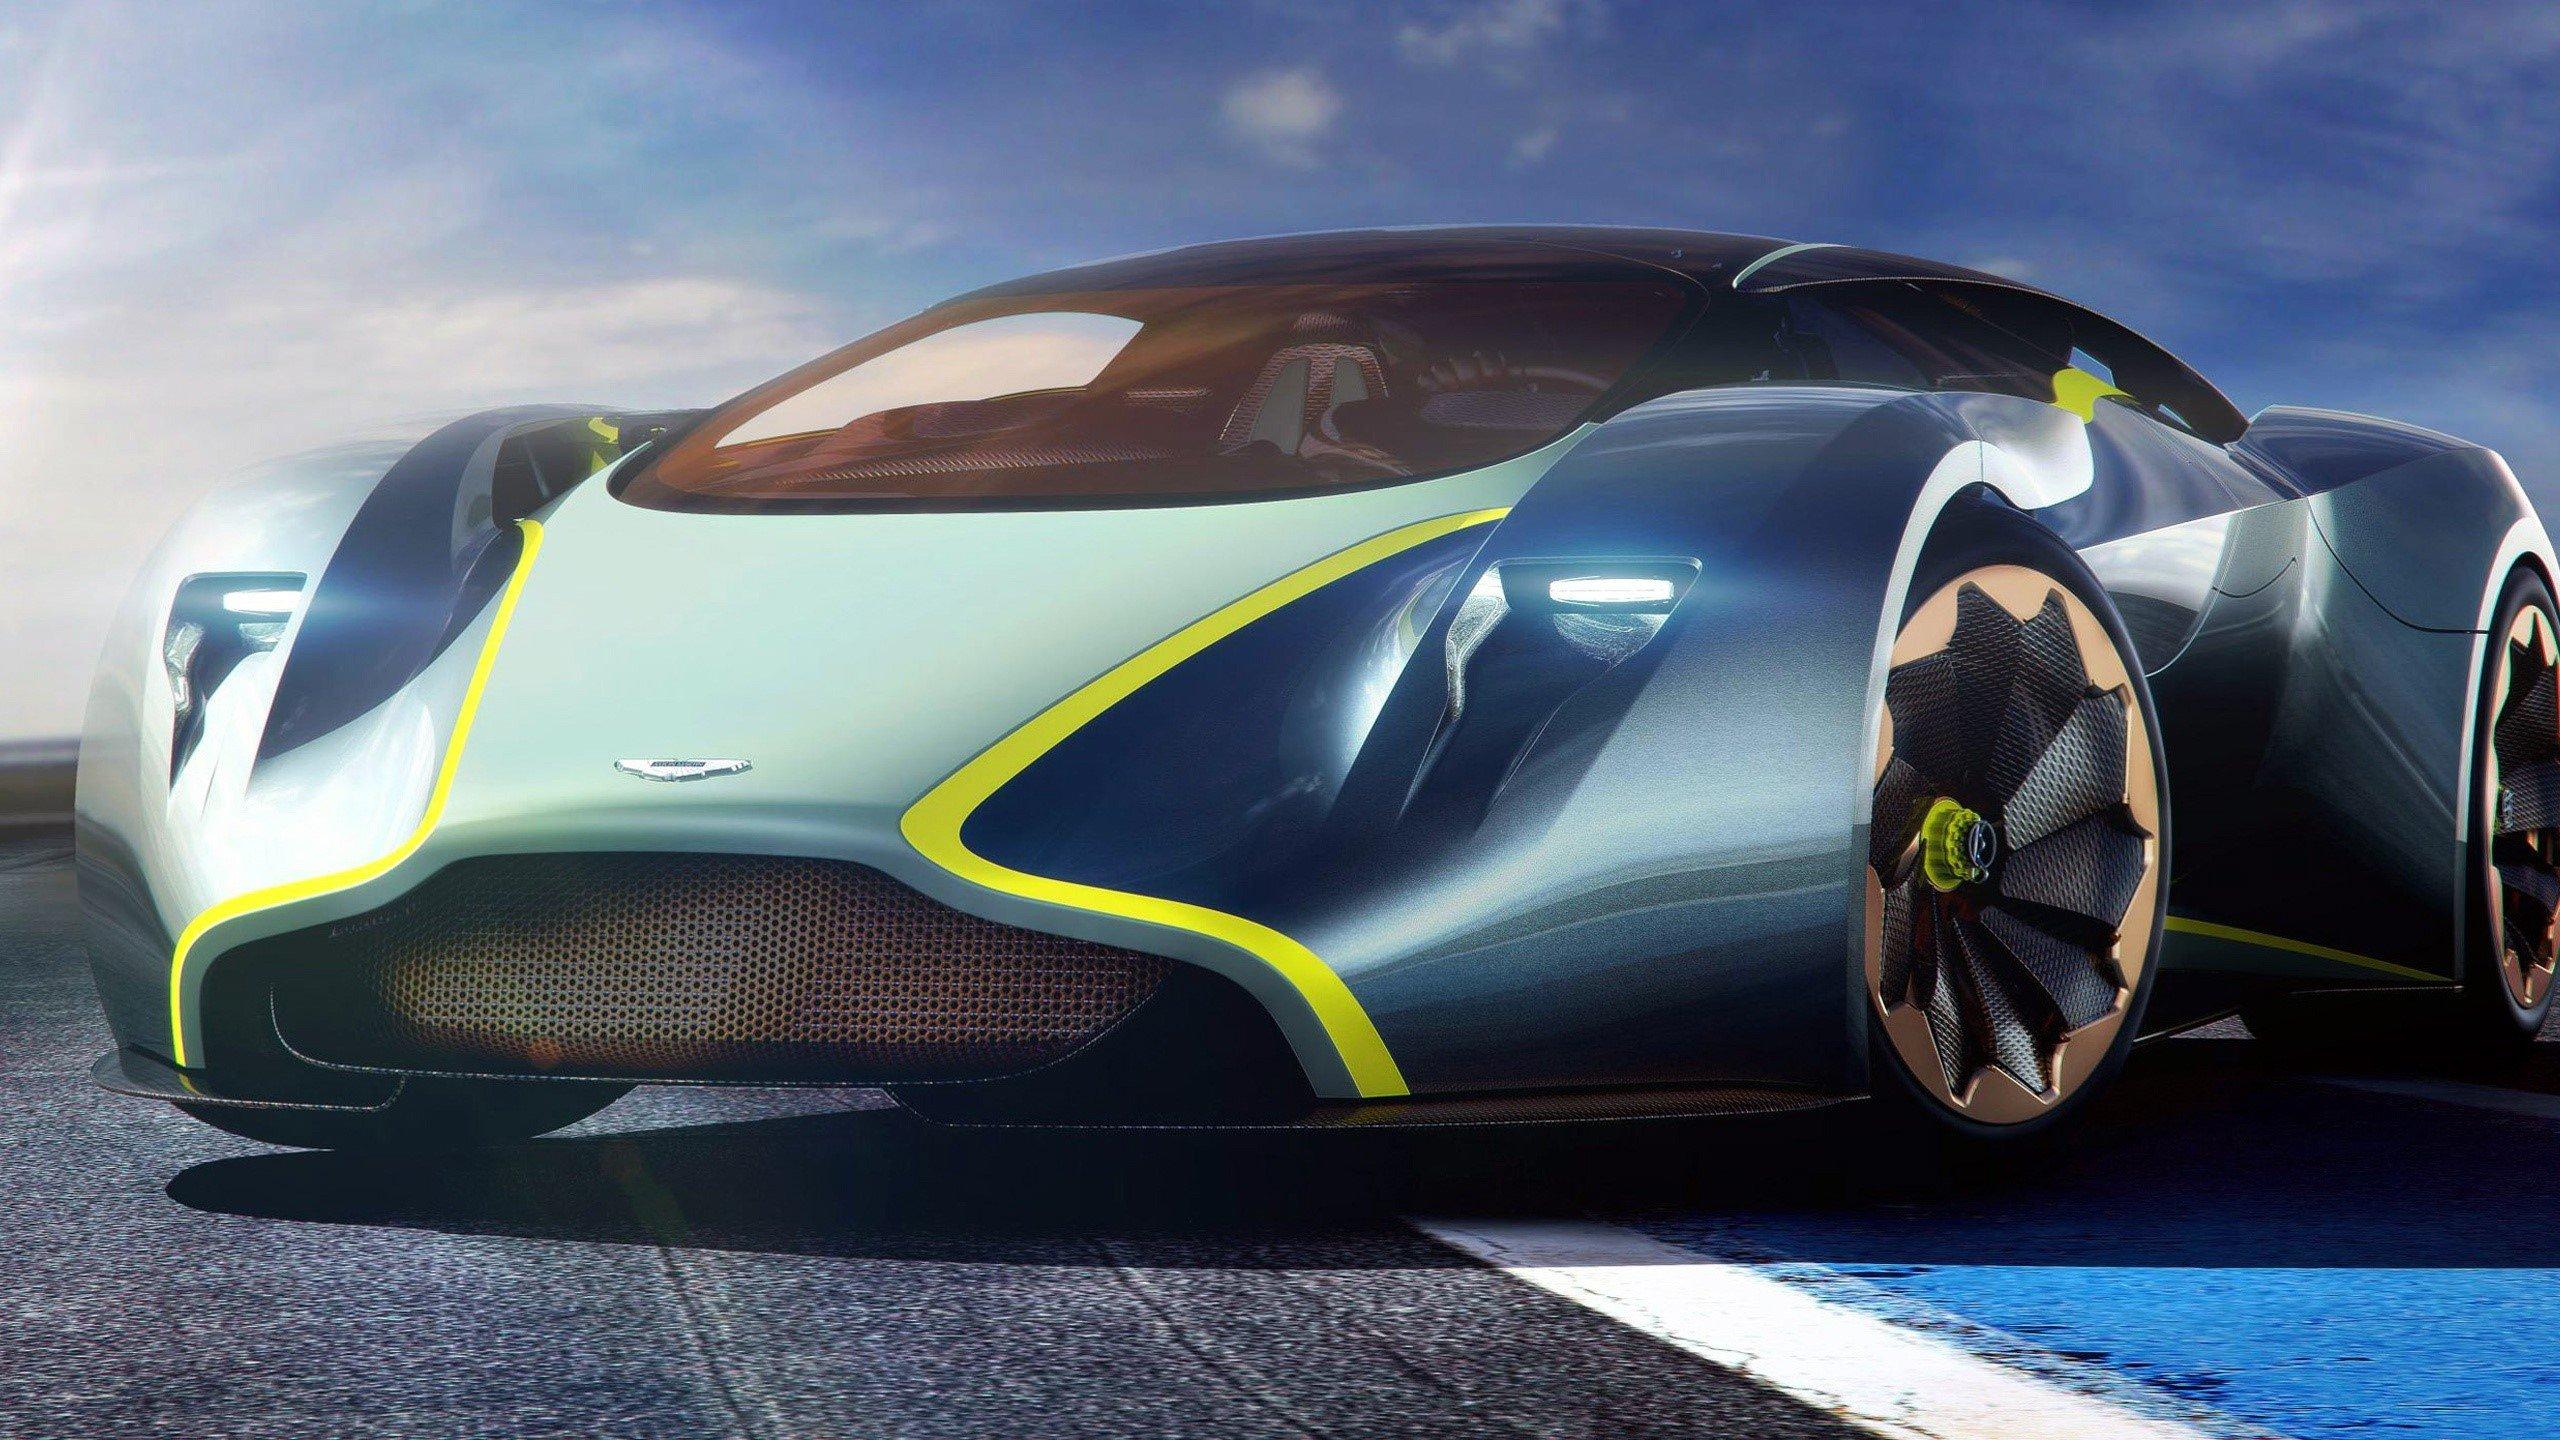 Fondos de pantalla Aston Martin DP